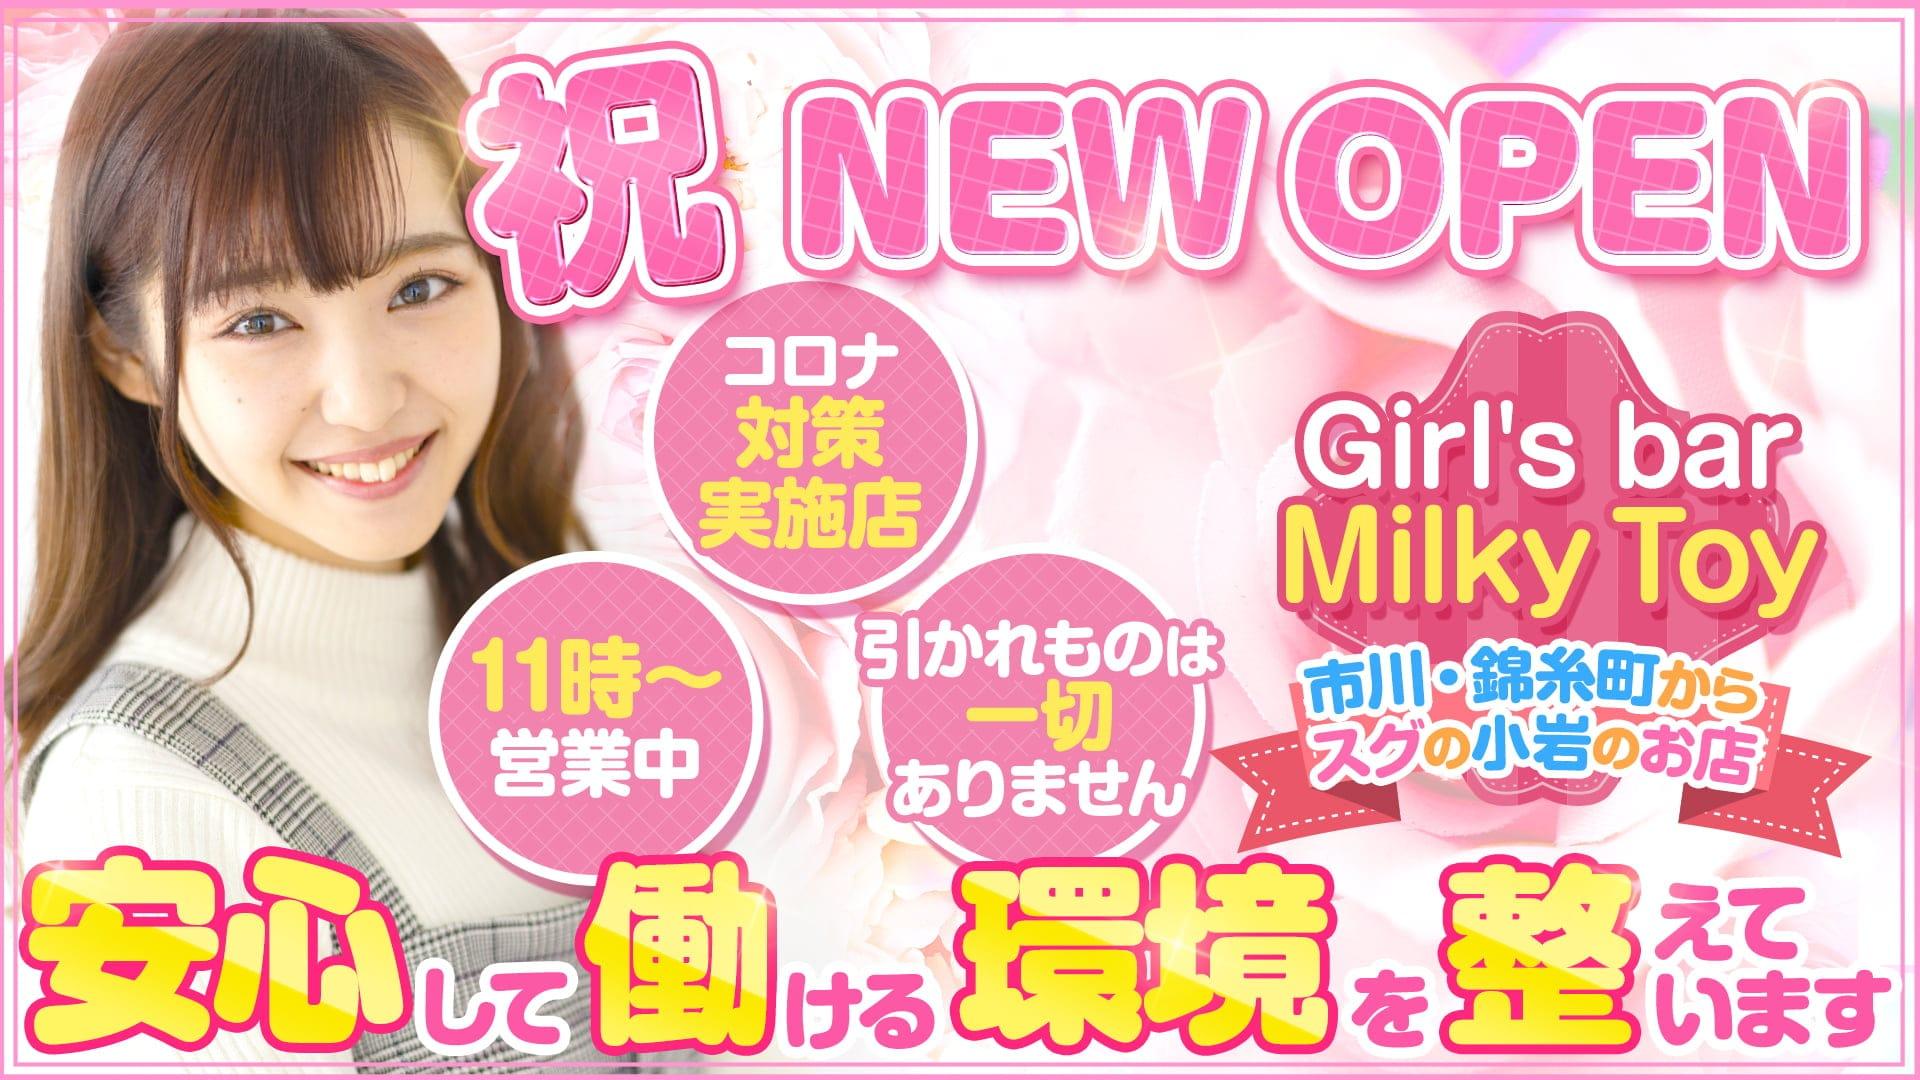 【小岩】Girl's bar Milky Toy(ミルキートイ)【公式求人・体入情報】 錦糸町ガールズバー TOP画像